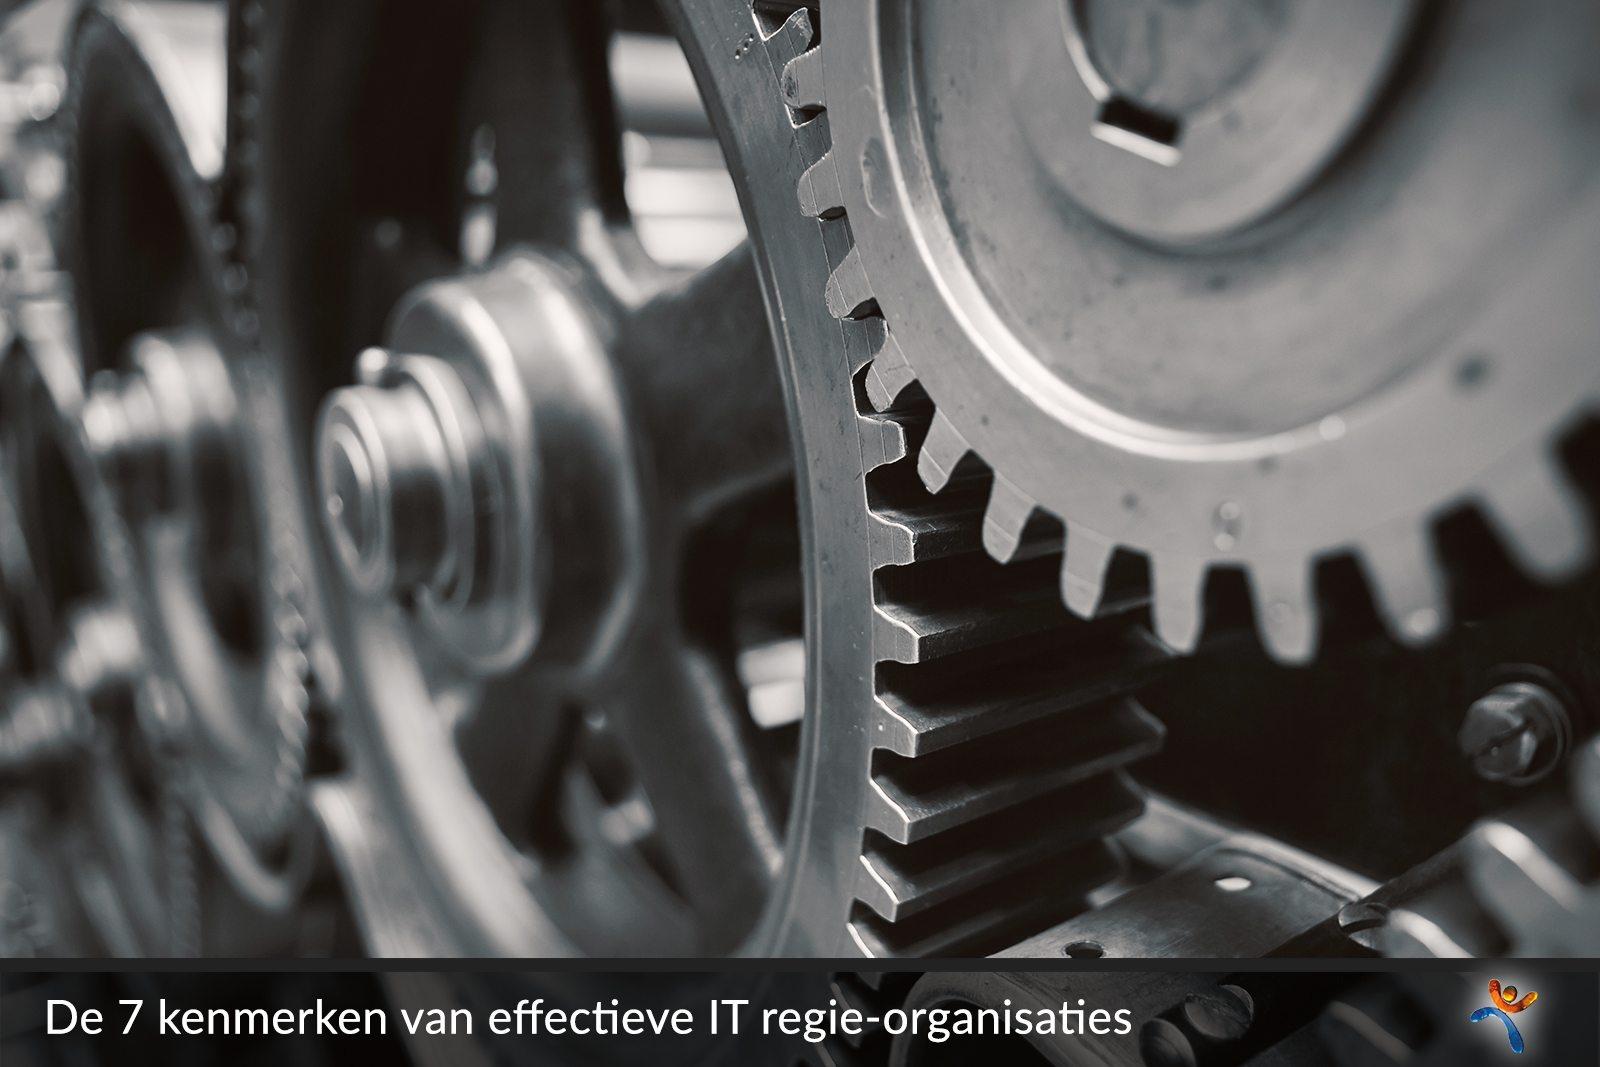 7 kenmerken van effectieve IT regie-organisaties